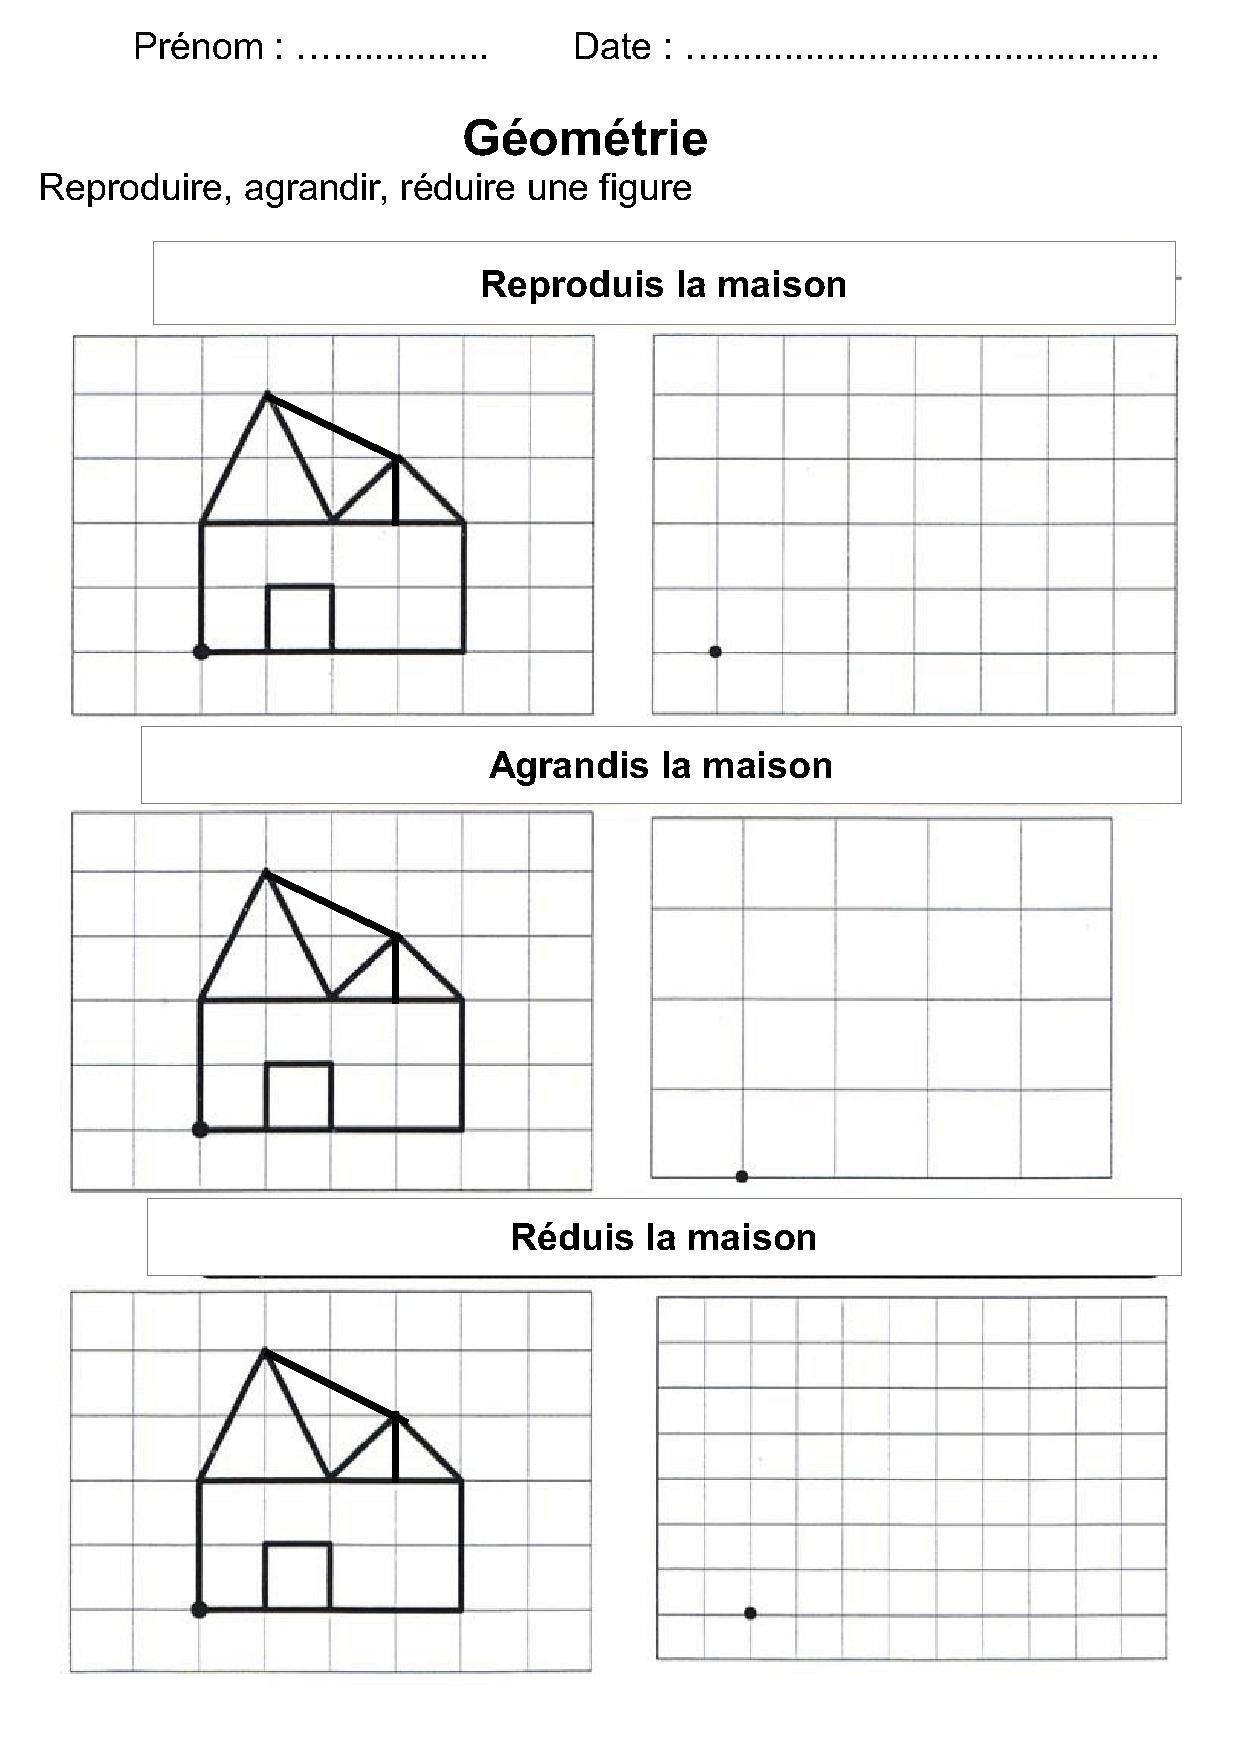 Géométrie Ce1,ce2,la Symétrie,reproduire Une Figure concernant Reproduction Quadrillage Ce1